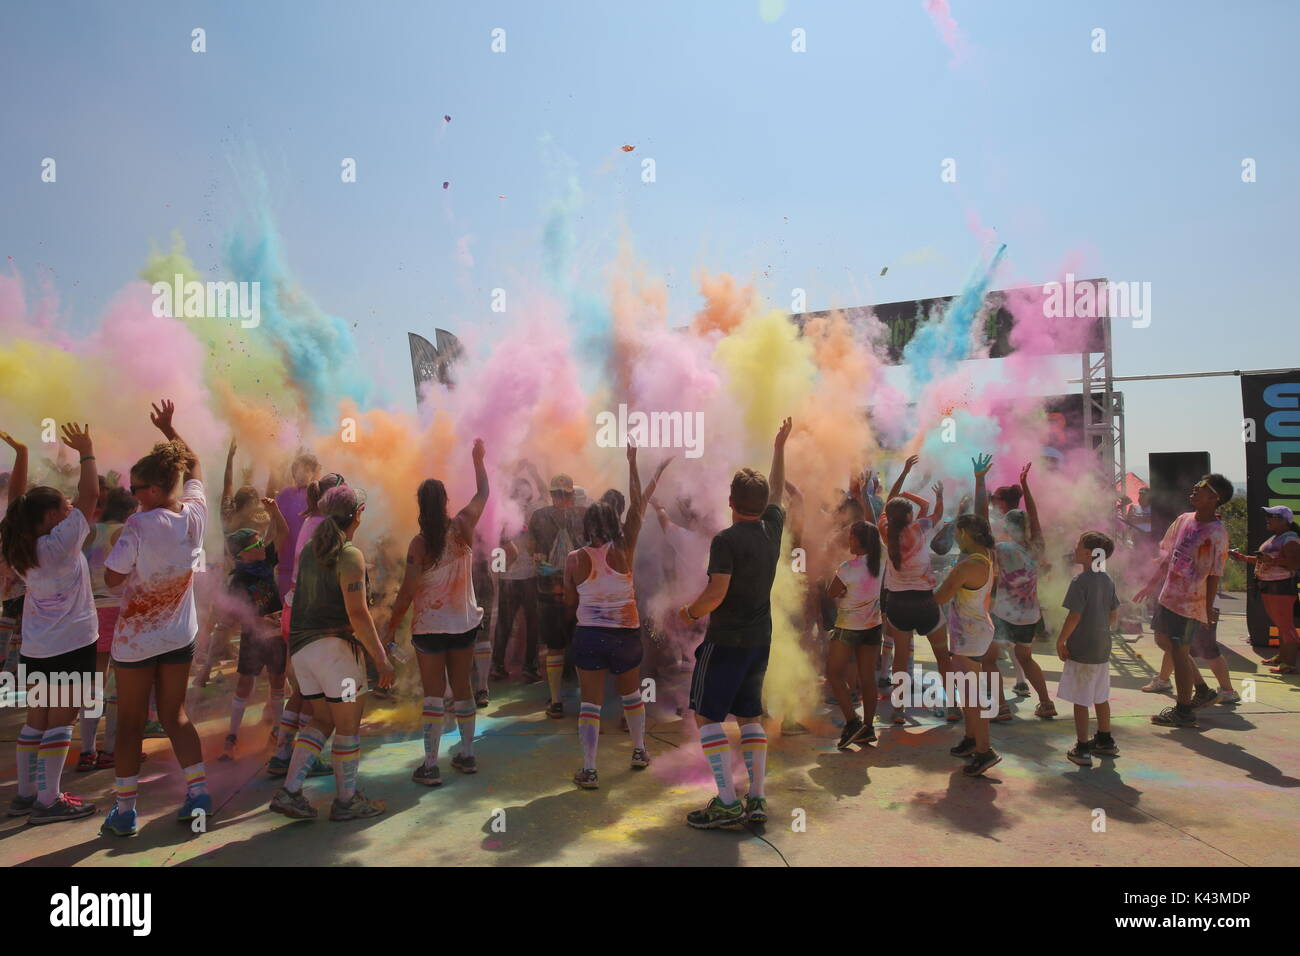 I corridori gettare bombe di colore in aria dopo completare il colore Me Rad 5K maratona Correre al Marine Corps Air Station Miramar Agosto 22, 2015 a San Diego, California. (Foto di Kimberlyn Adams via Planetpix) Immagini Stock